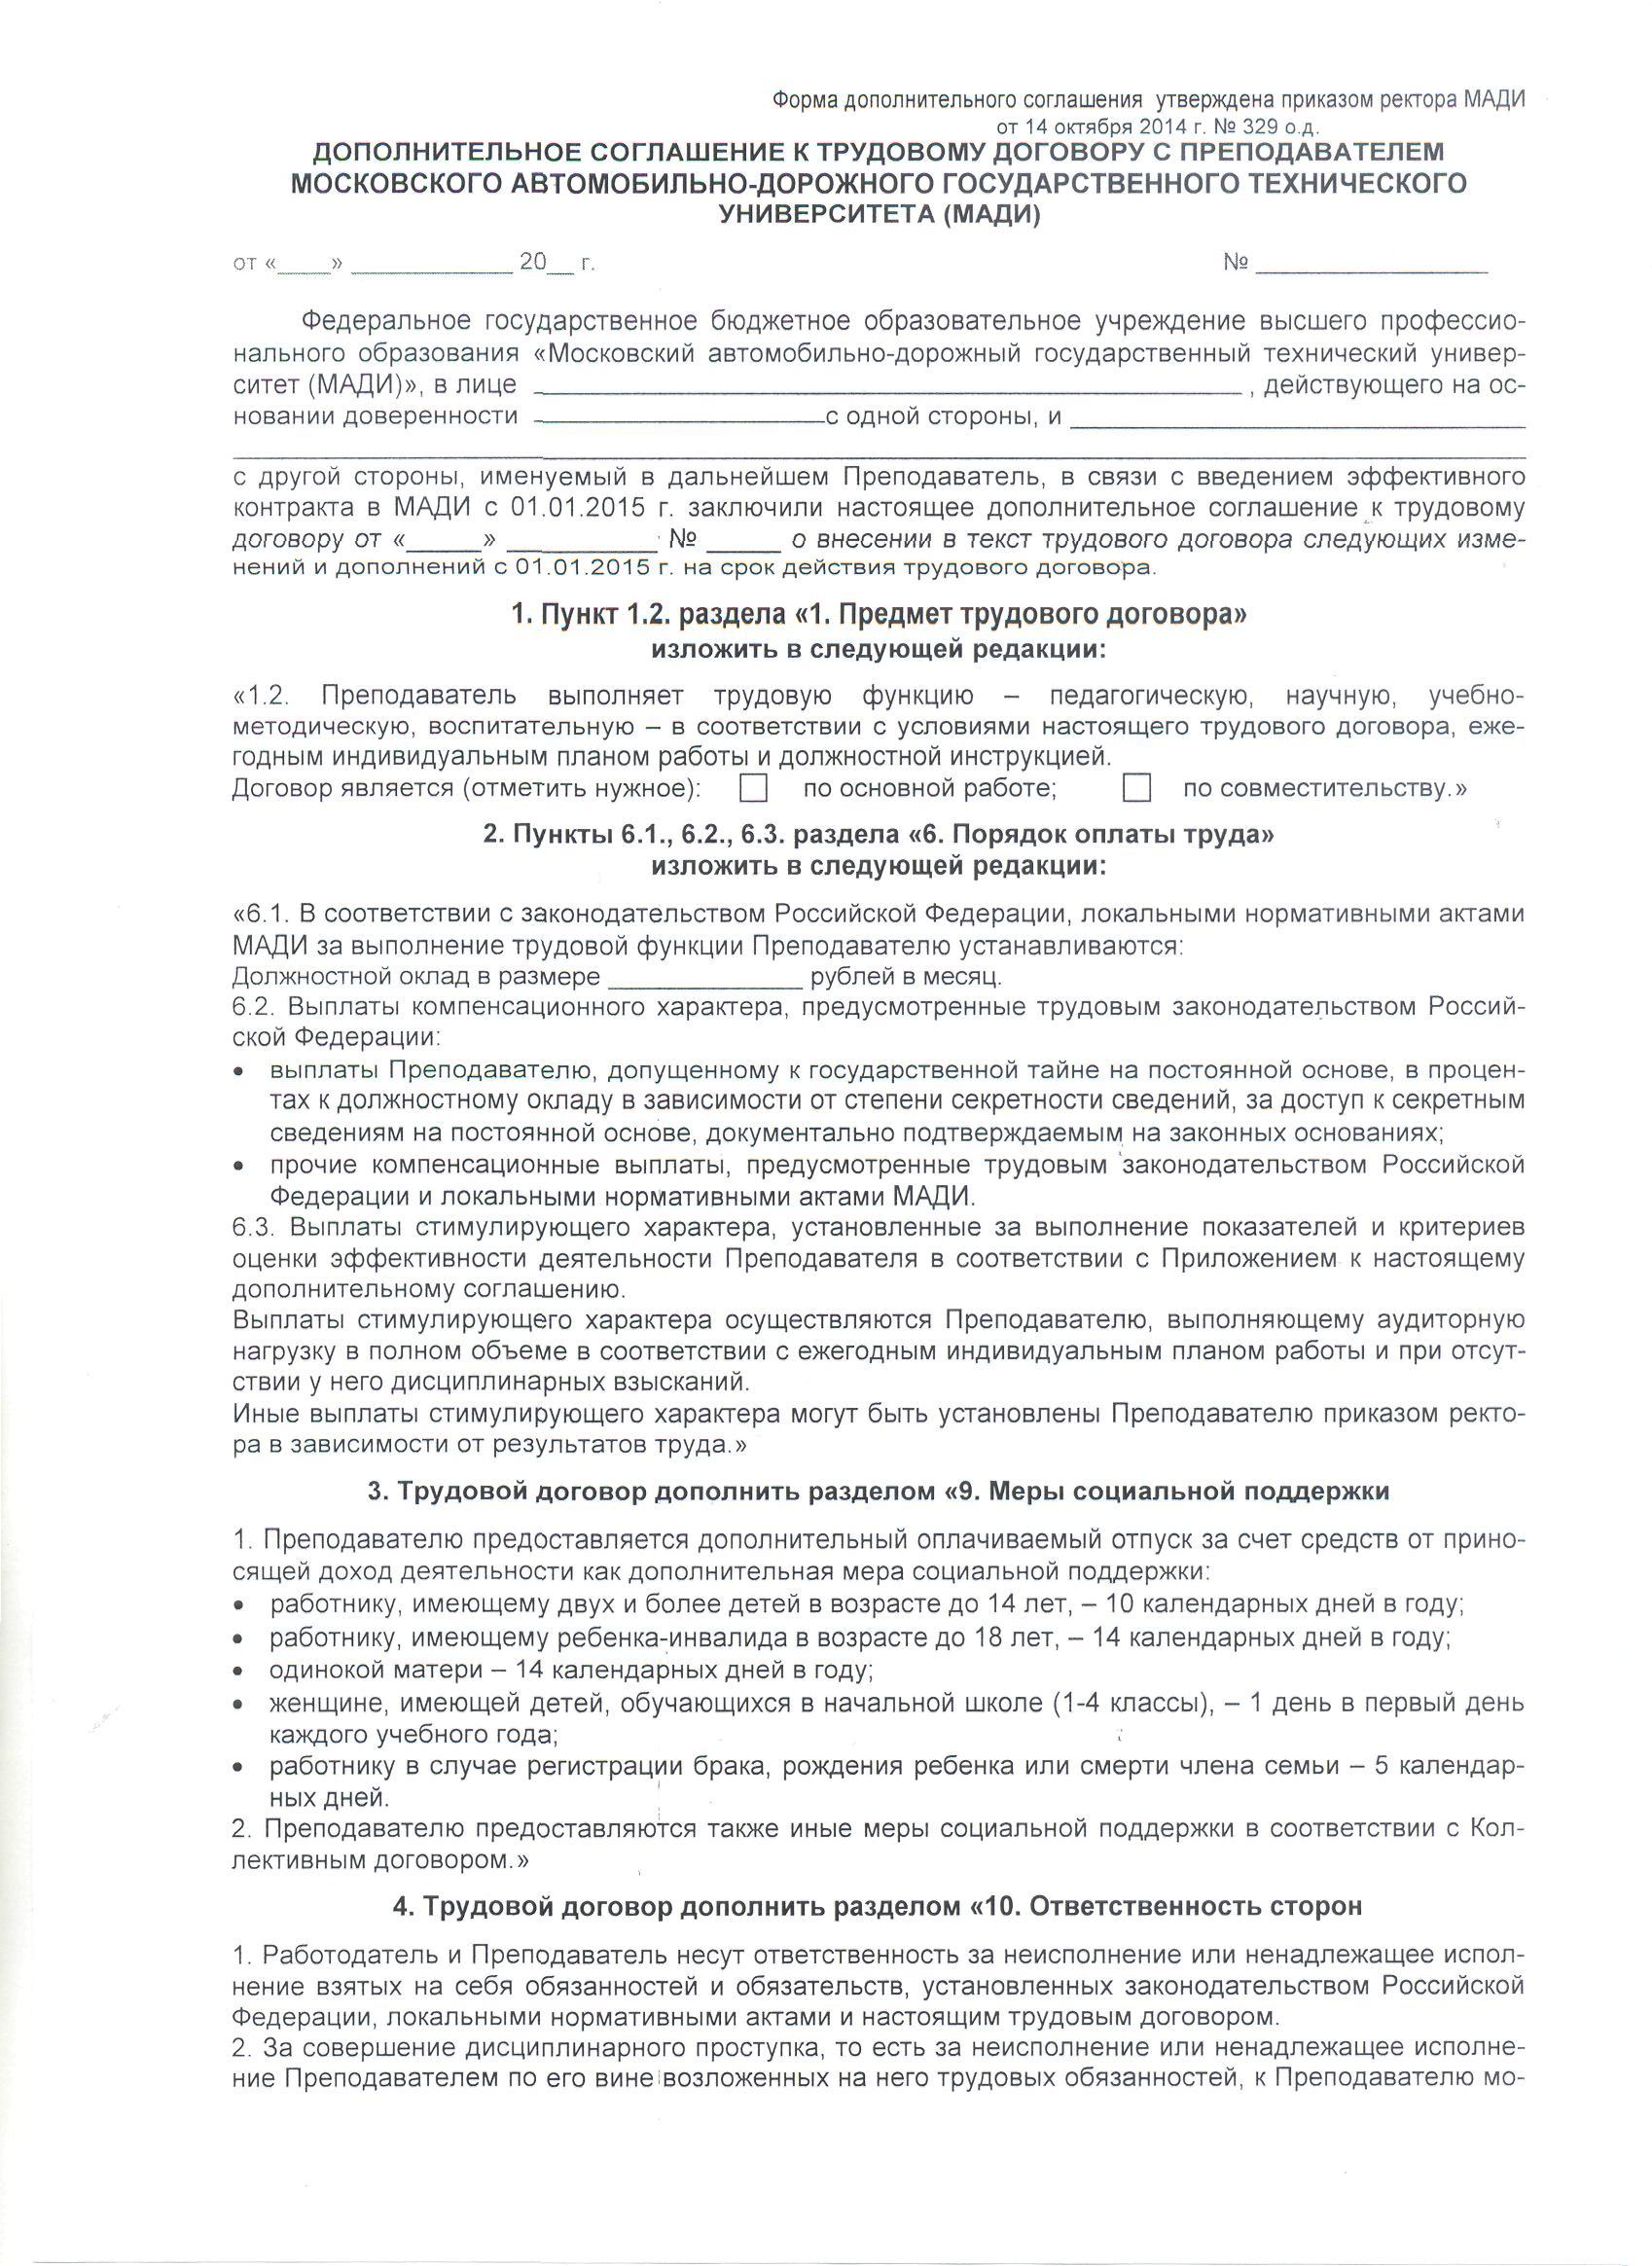 уведомление о заключении эффективного контракта образец